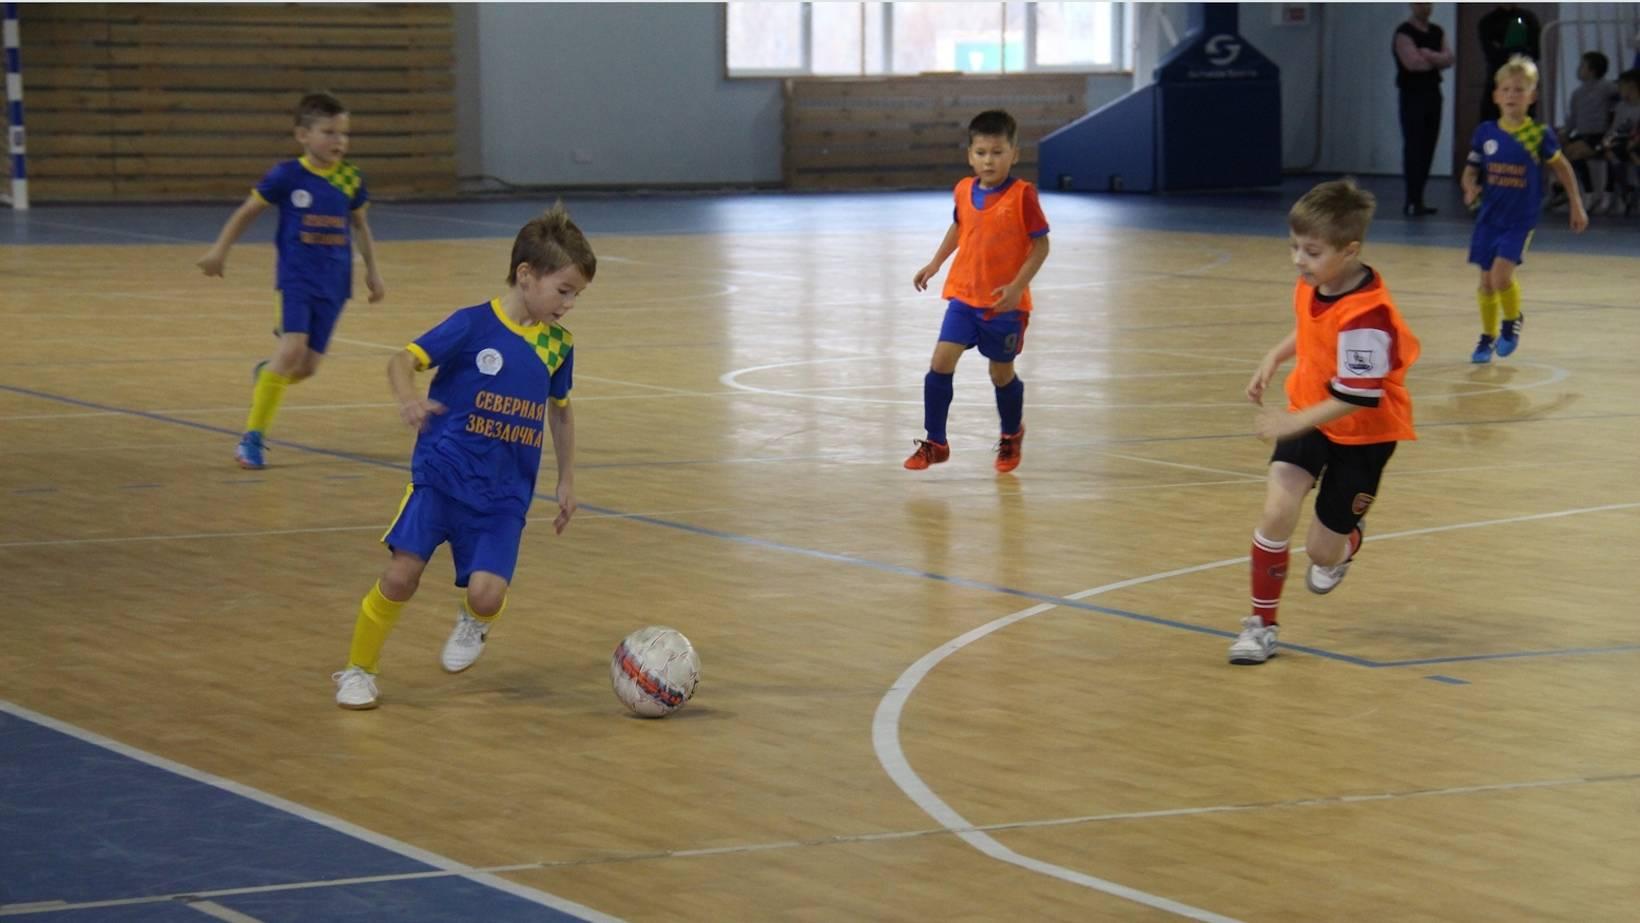 Уже через пару месяцев после открытия клуба в нем играло более 300 детей